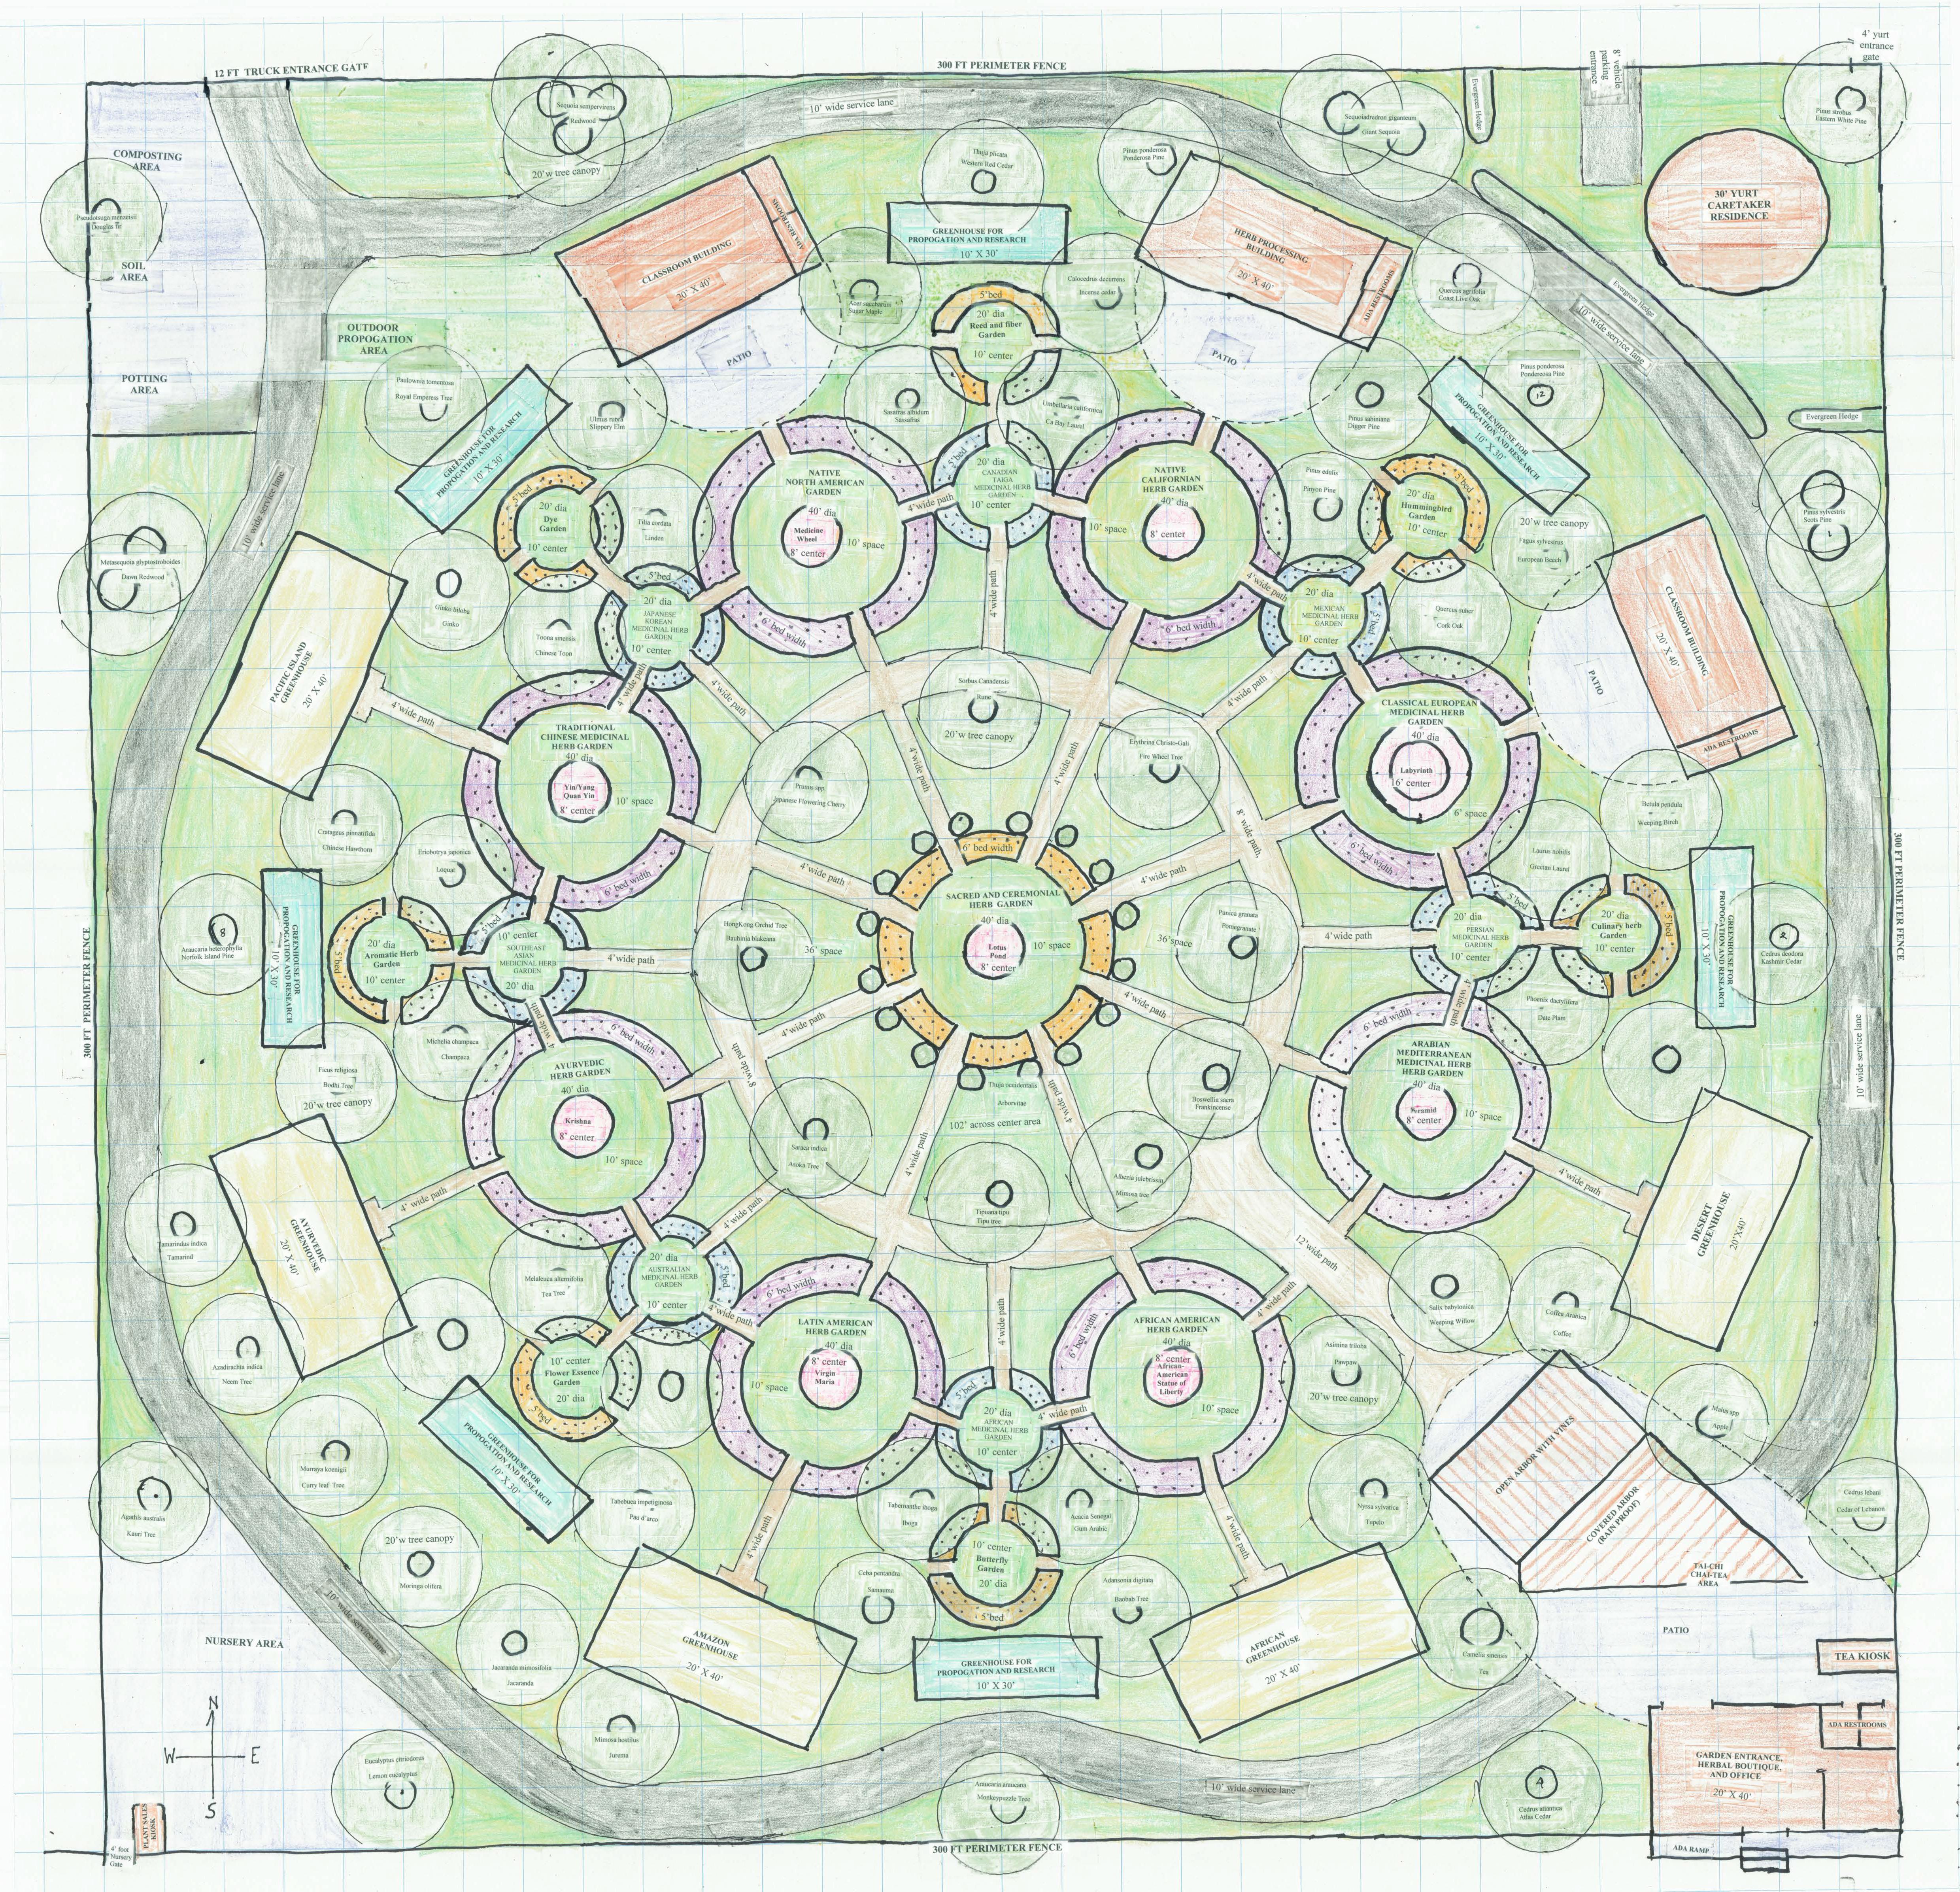 Https Reference Books 2018 09 05t231558 Rose Diagram1 Garden